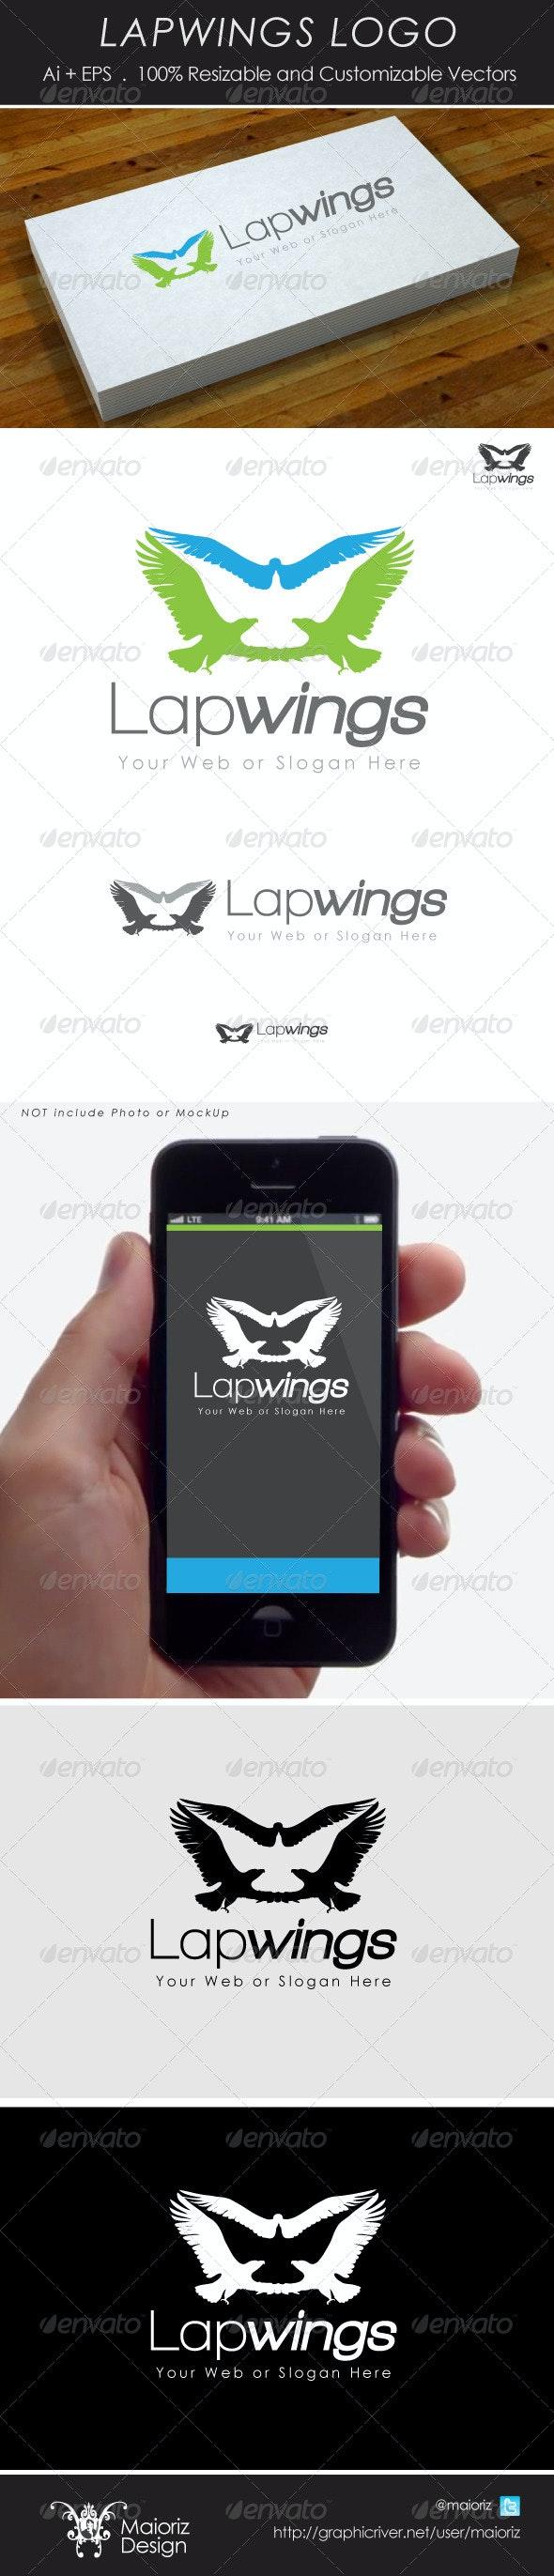 Lapwings Logo - Animals Logo Templates